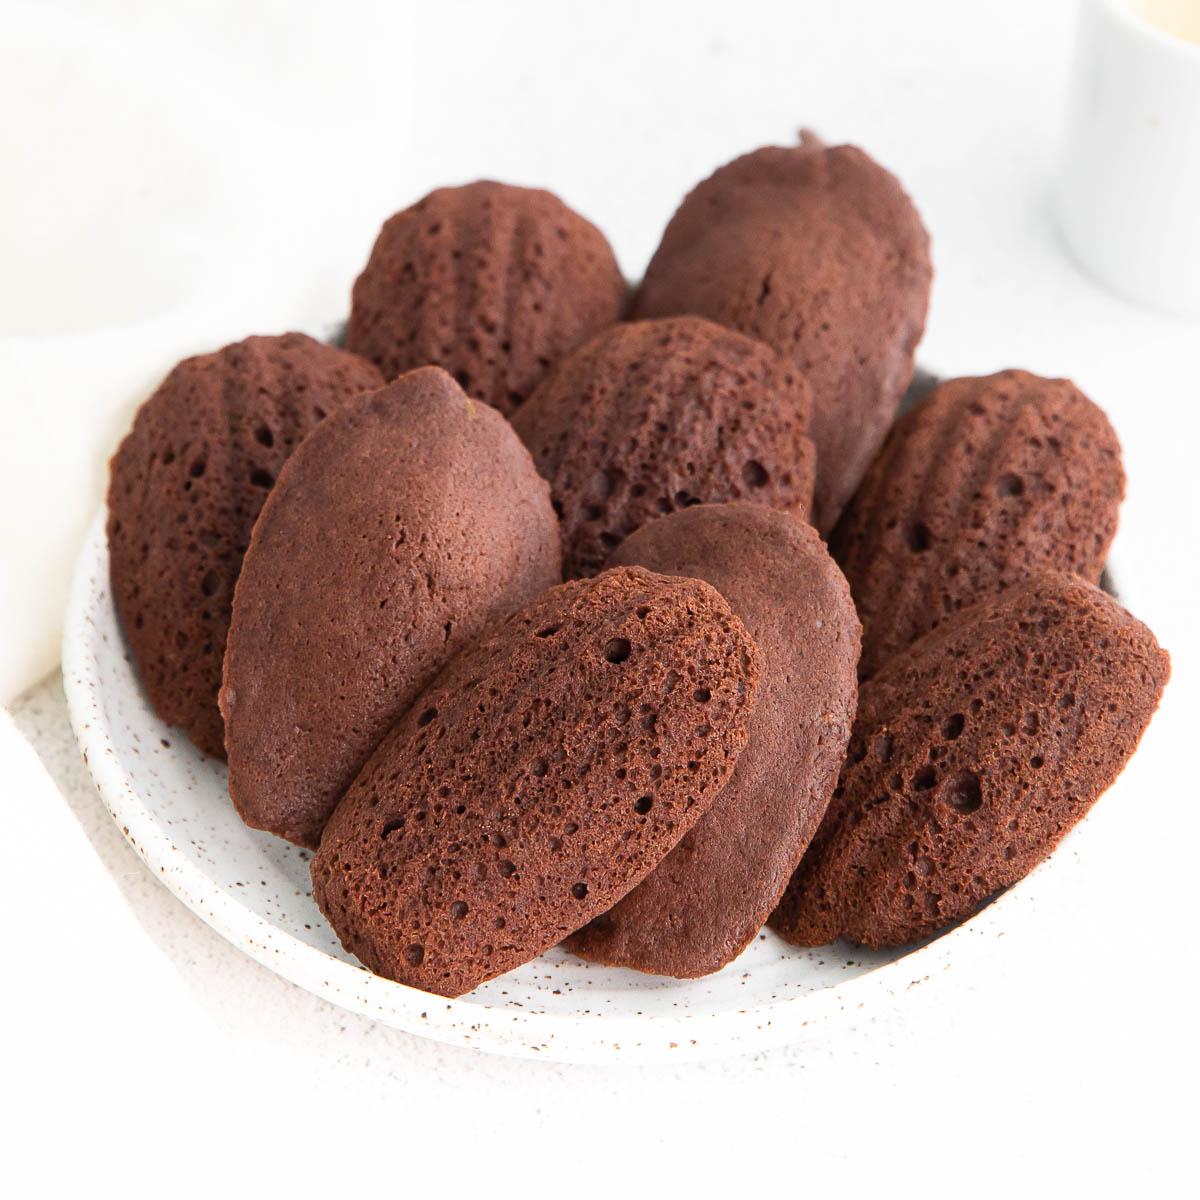 white dish of chocolate madeleines